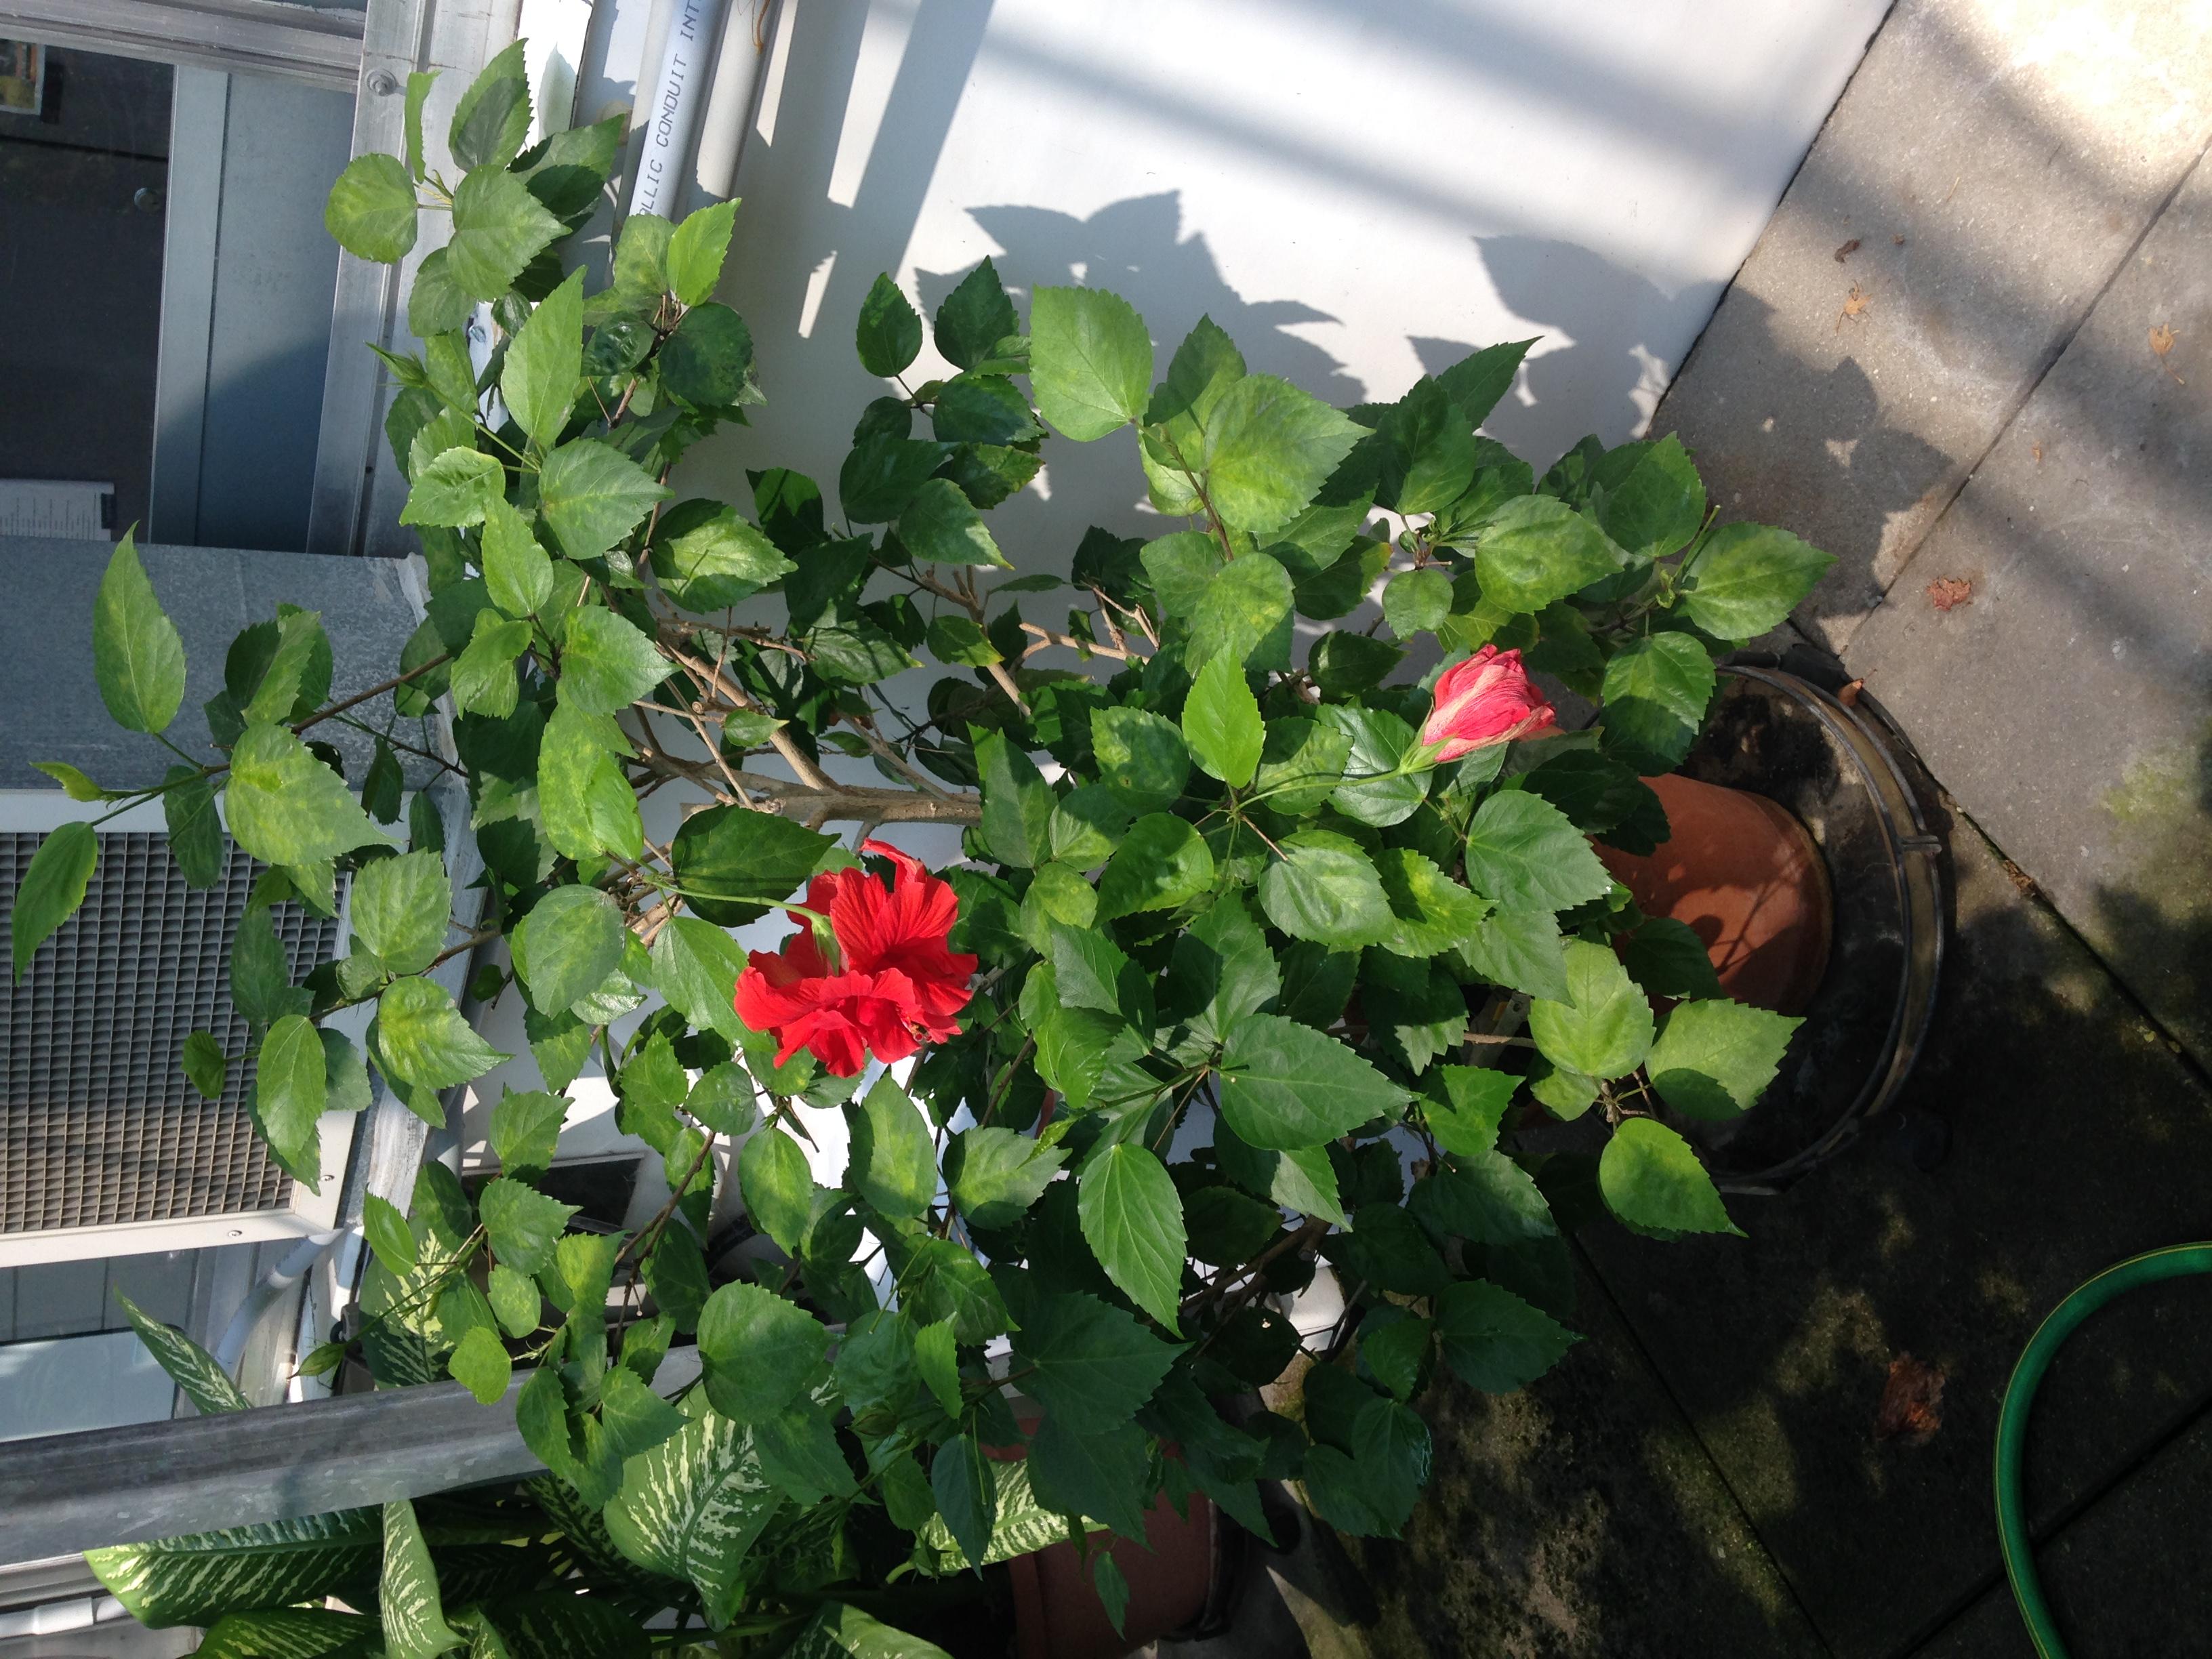 Picture of Hibiscus Rosa-Sinensis plant